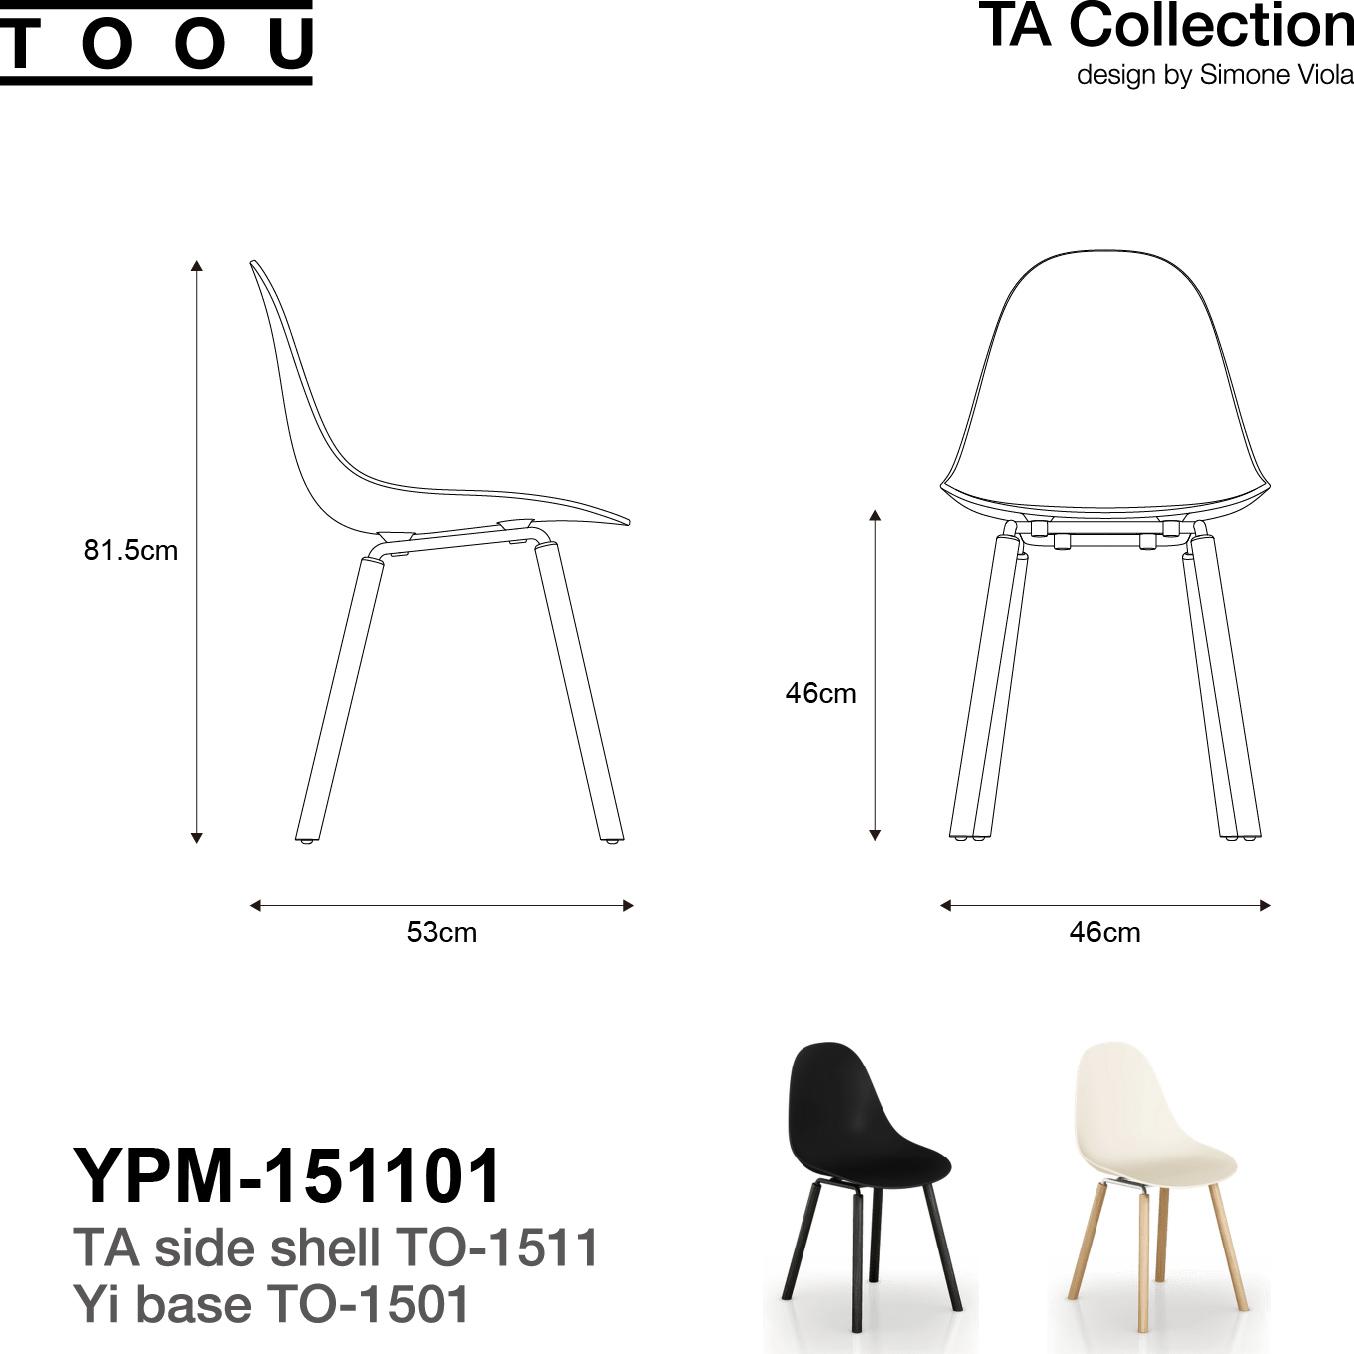 TOOU TA 椅子系列 尺寸圖示